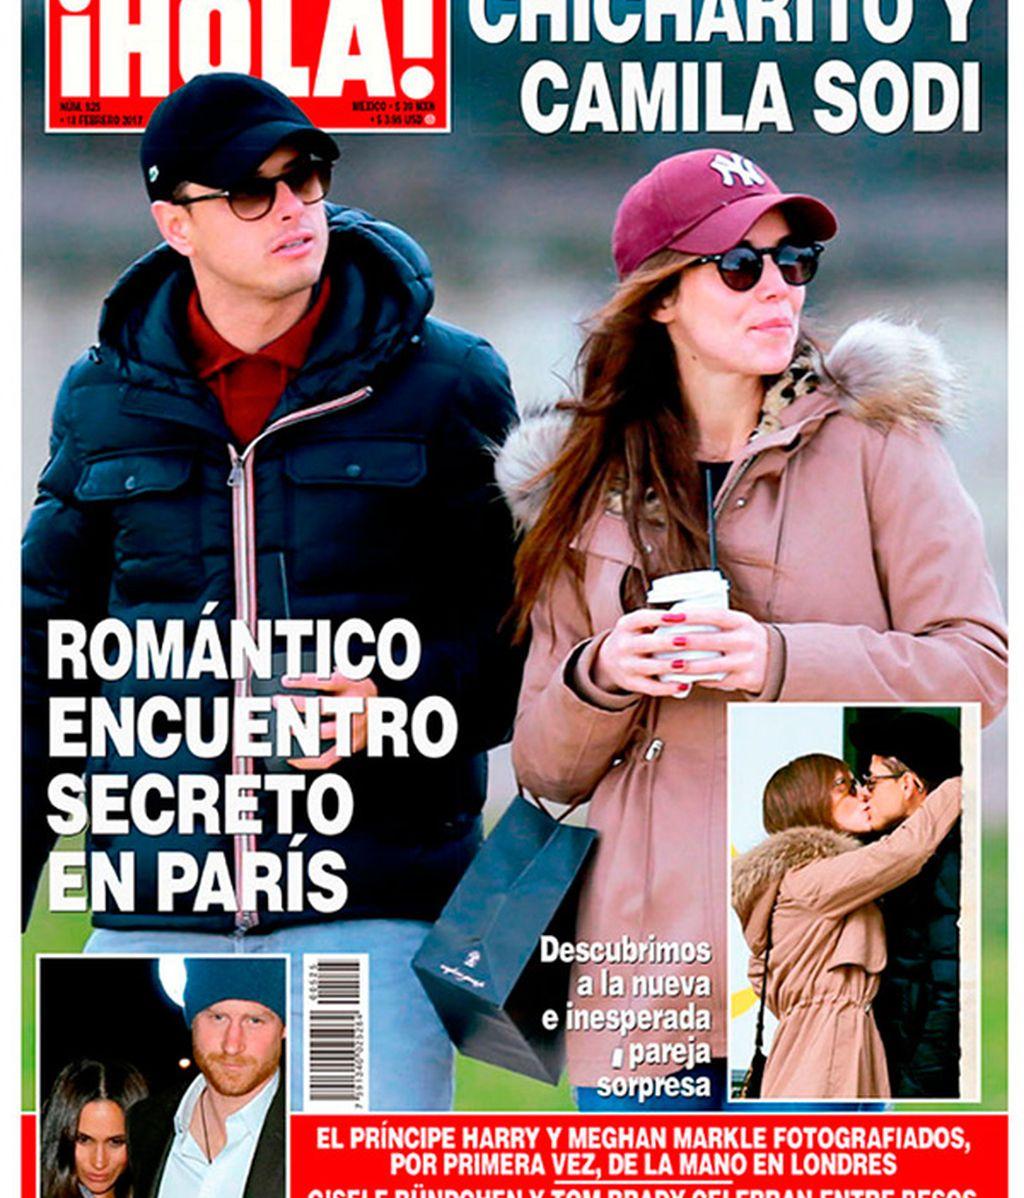 Portada de '¡Hola!' con Chicharito y Camila Sodi